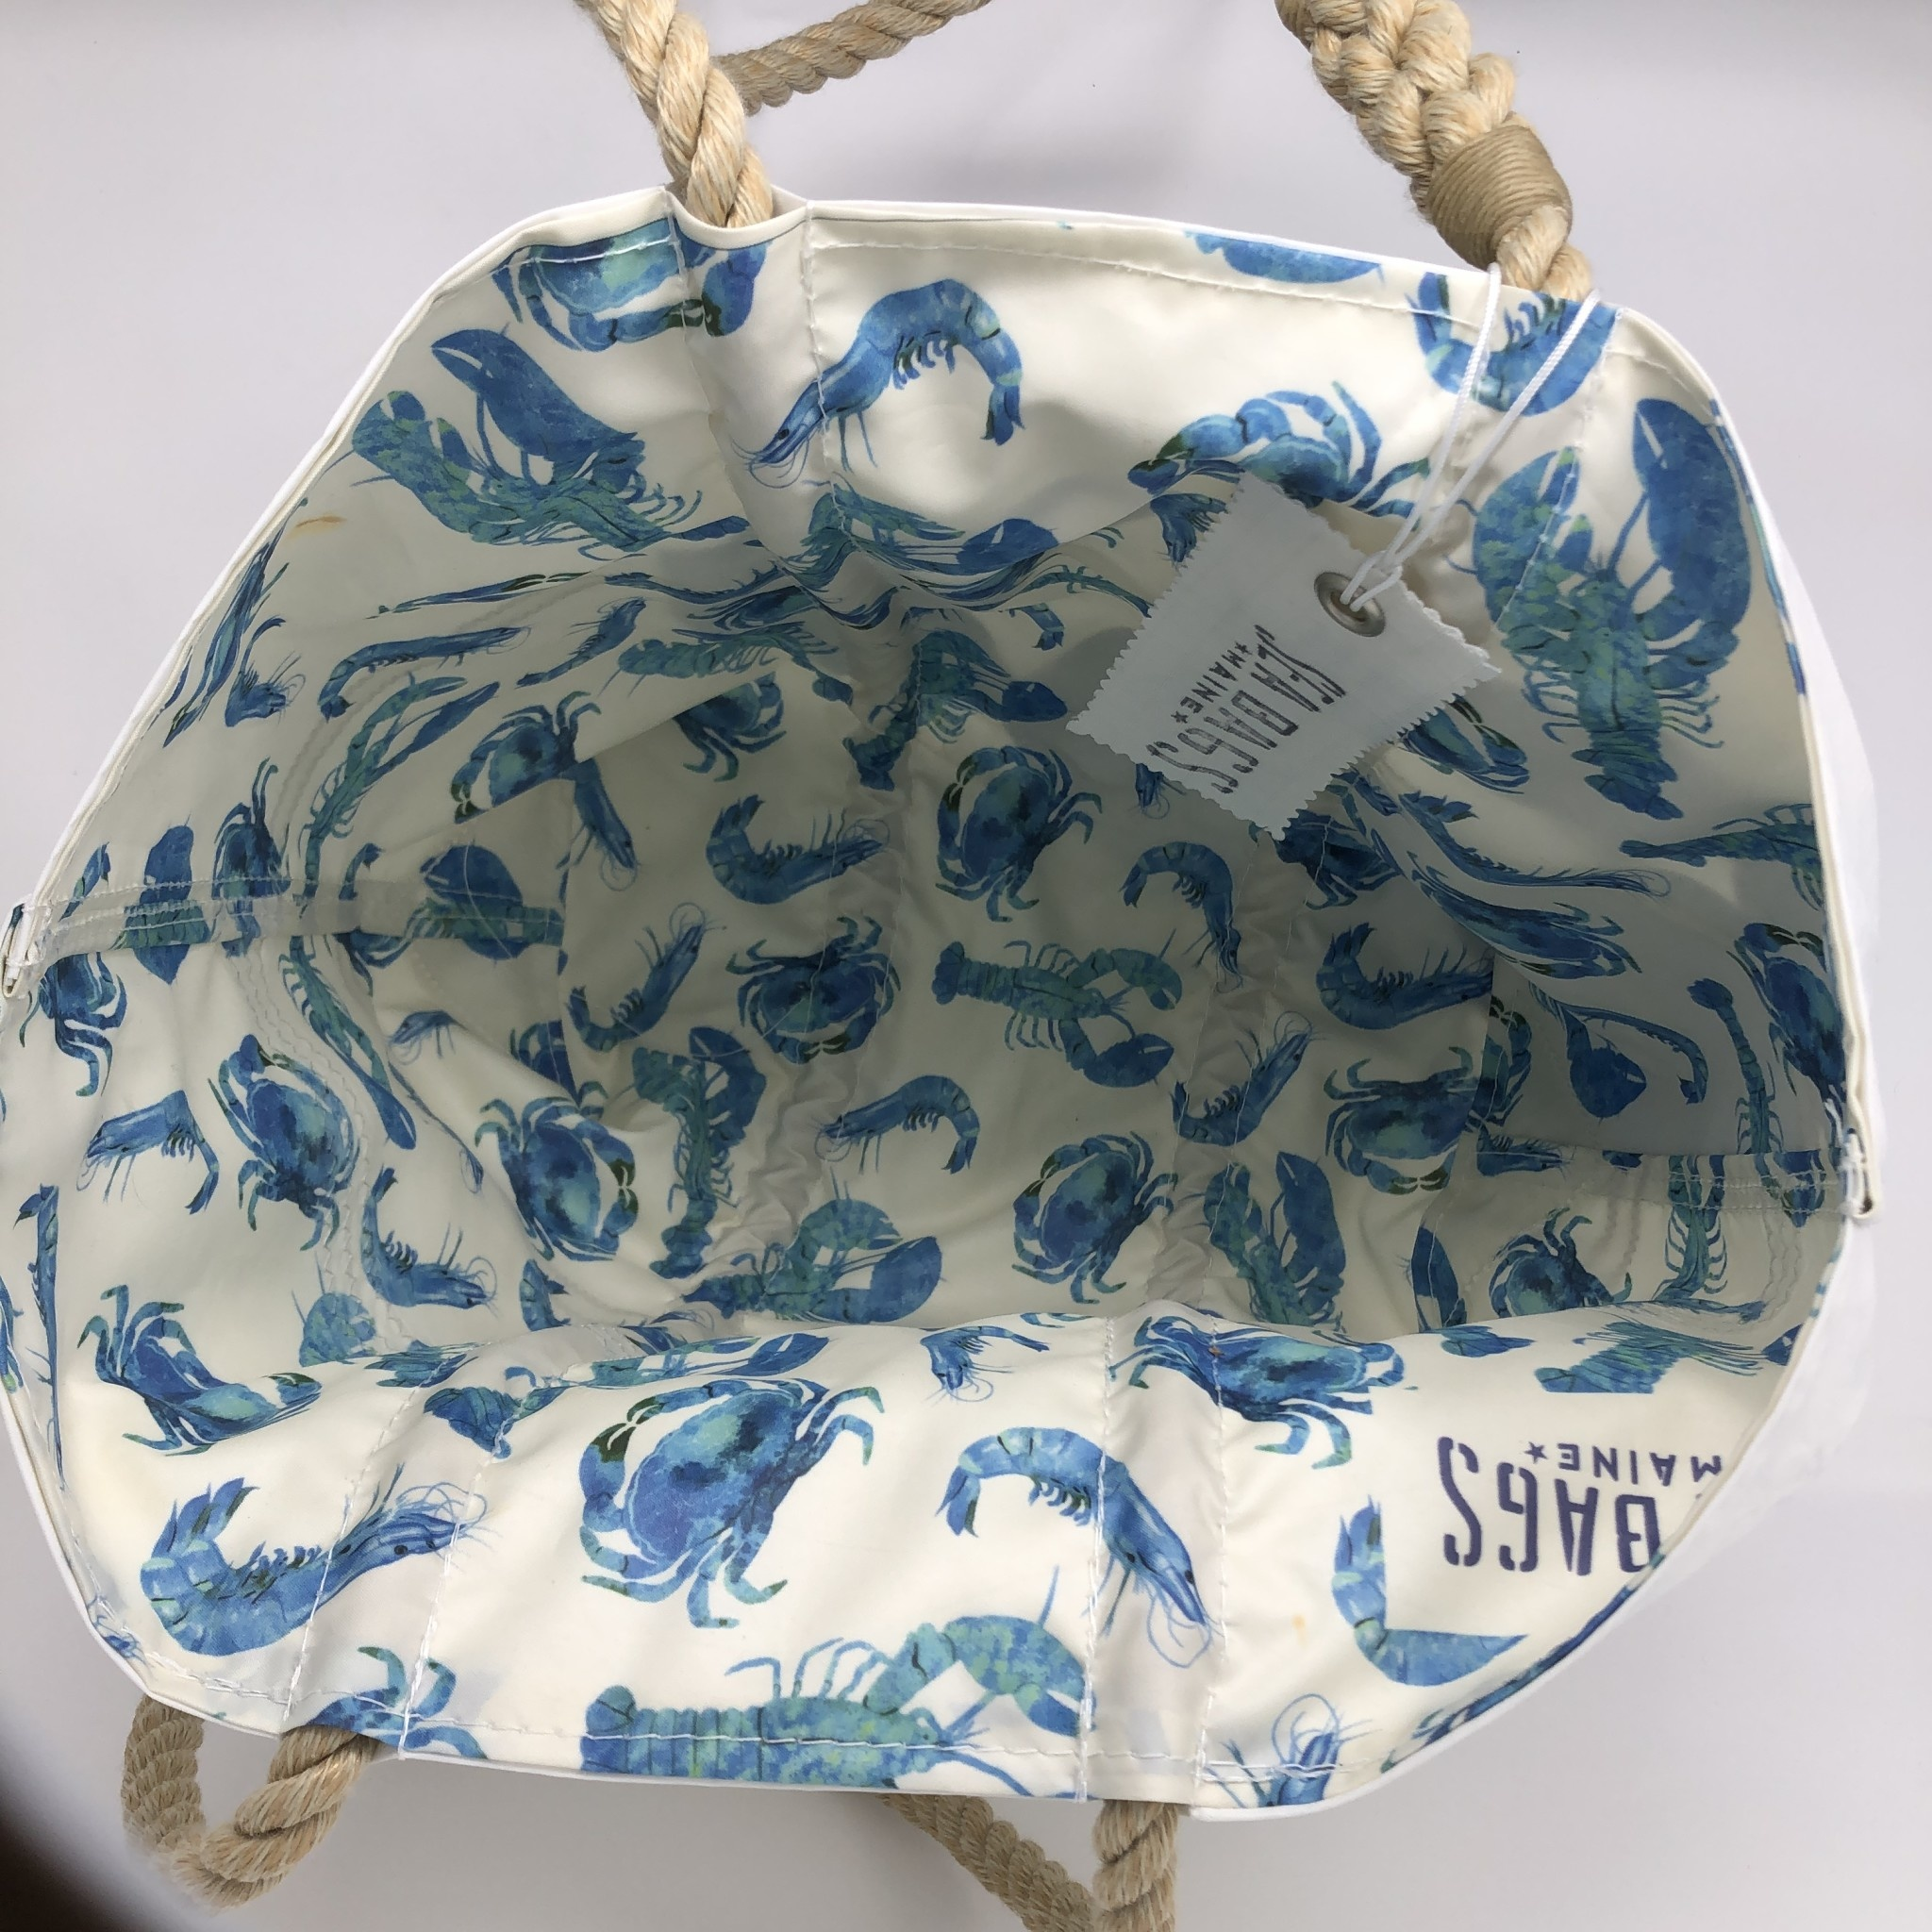 Sea Bags Medium Tote - Royal Blue Crab